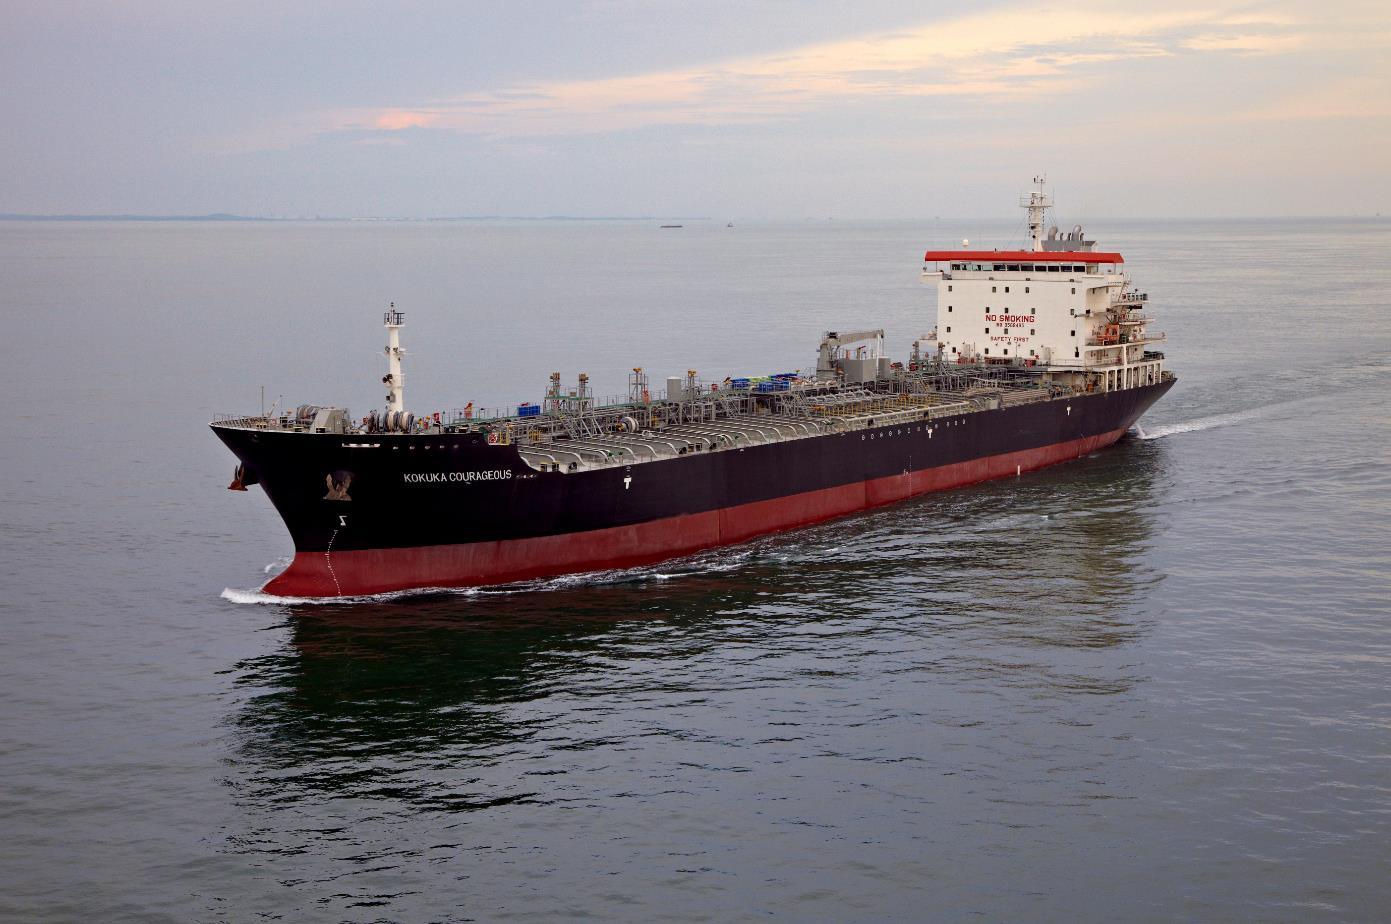 Afirman que tres tanqueros con gasolina salieron de Irán rumbo a Venezuela